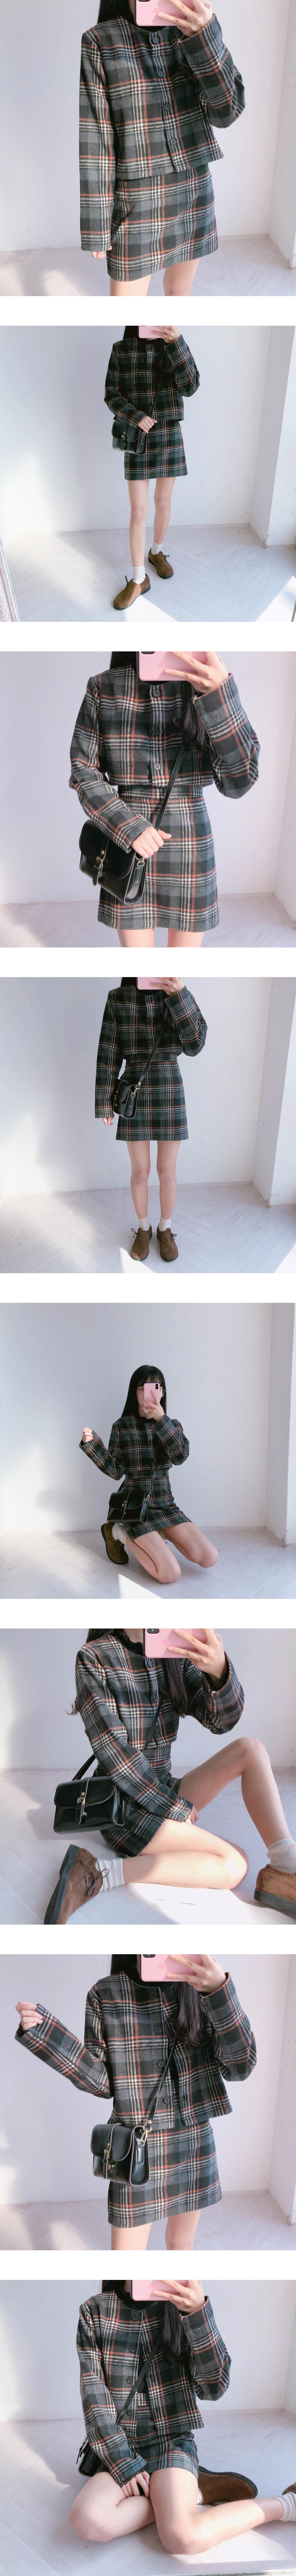 Momo check skirt